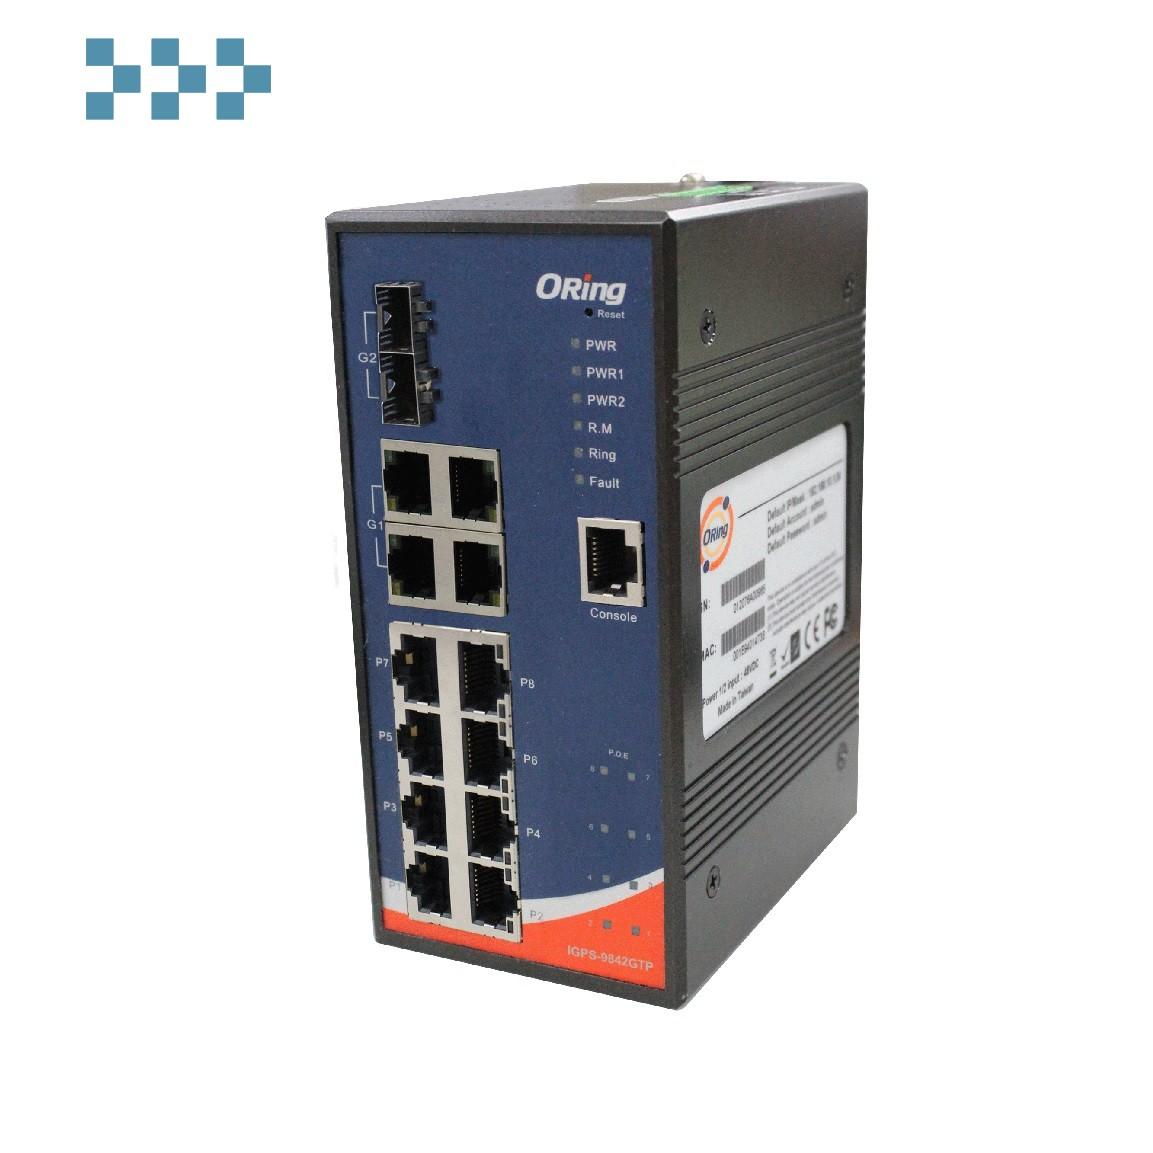 Промышленный коммутатор ORing IGPS-9842GTP